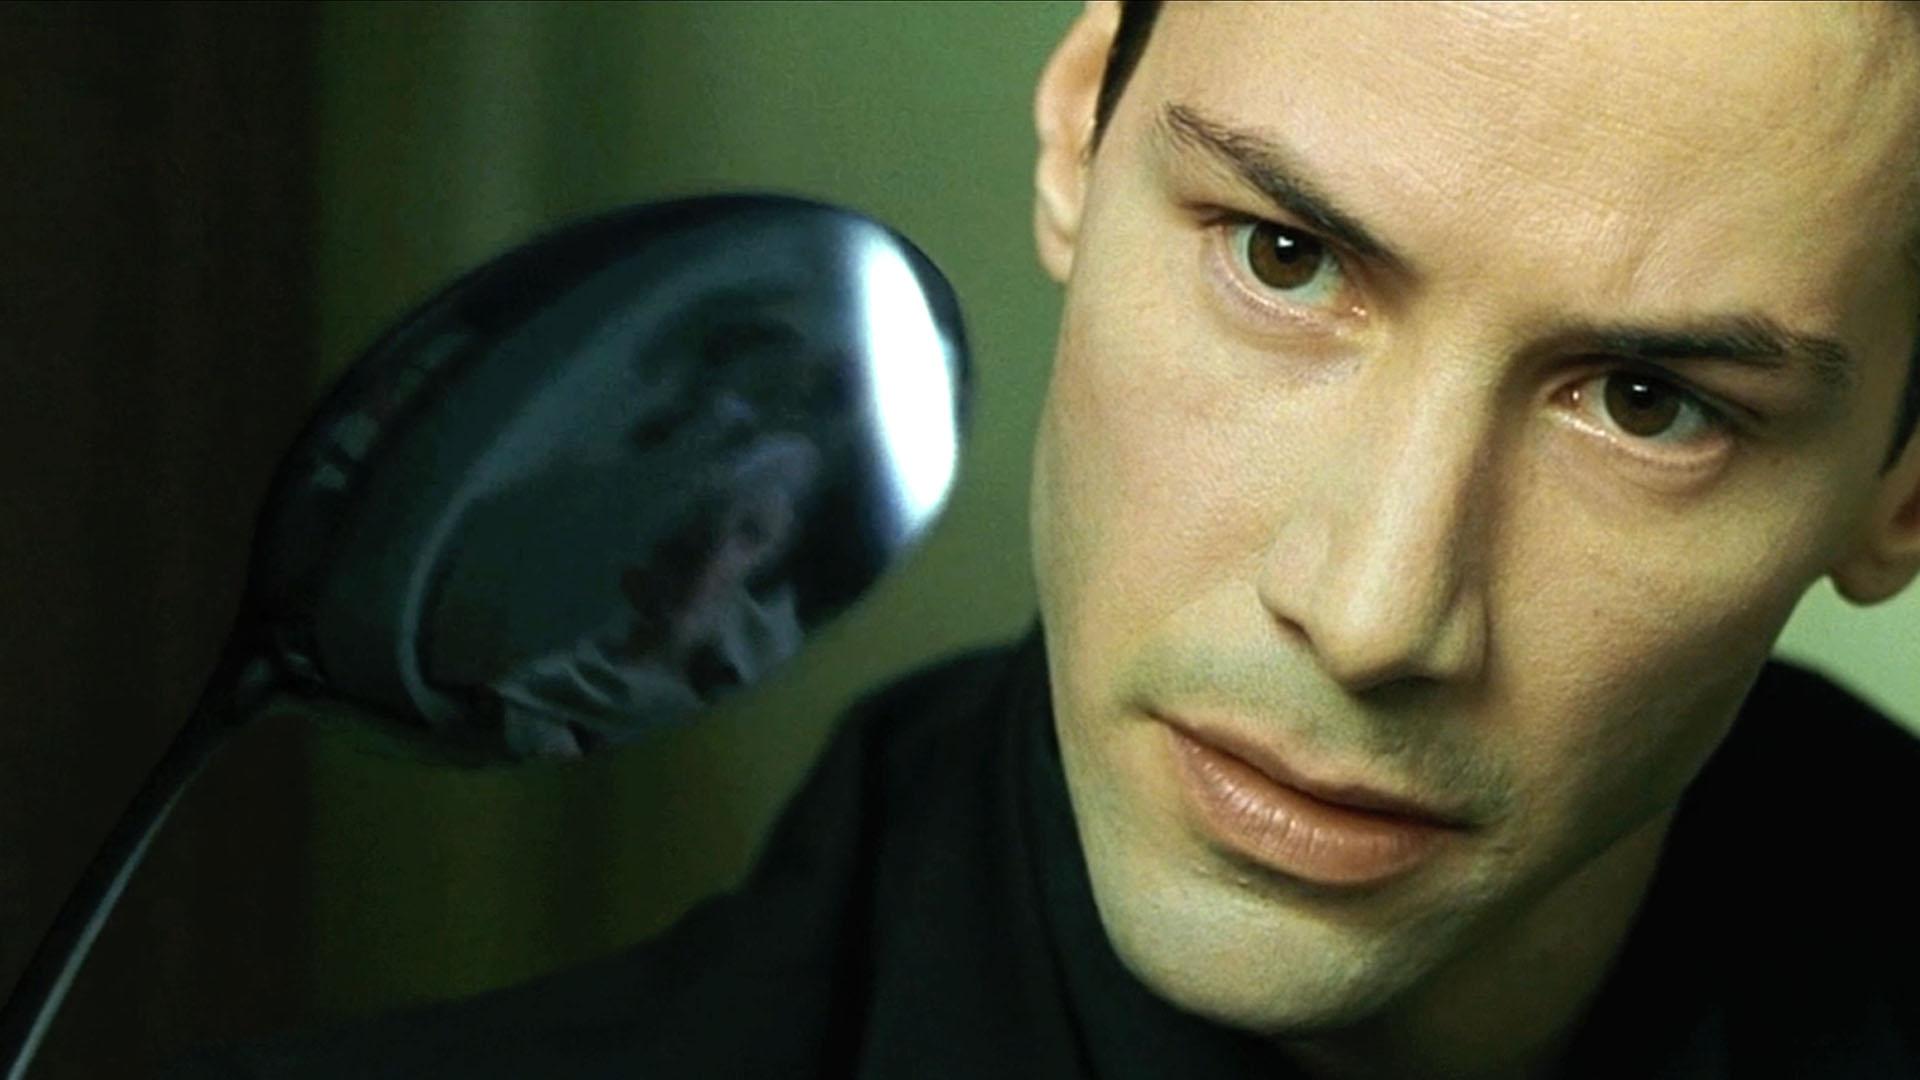 Первые отзывы на «Матрицу 4» не внушают оптимизма. Фильма называют «странным, но смешным»